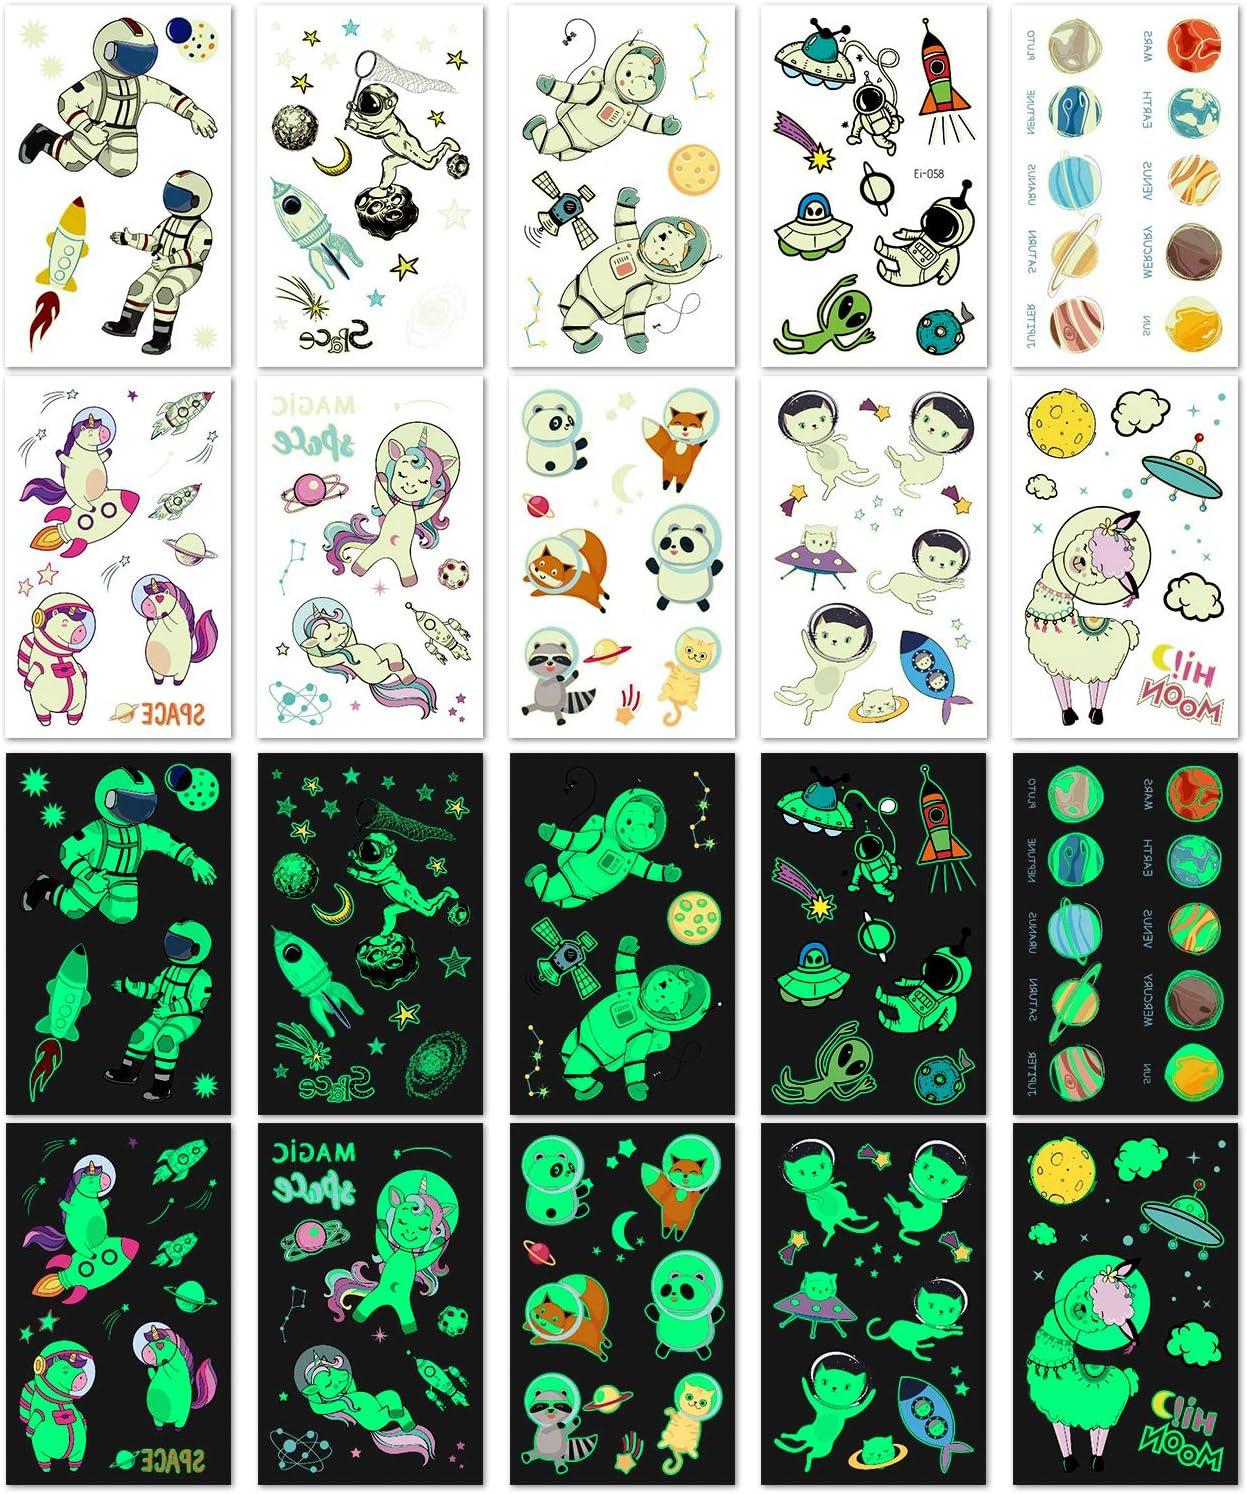 unicornio PHOGARY Tatuajes Temporales para Ni/ños y Ni/ñas Patrones: animales astronautas 20 hojas Calcamonias Temporales Espaciales, brillar en la oscuridad